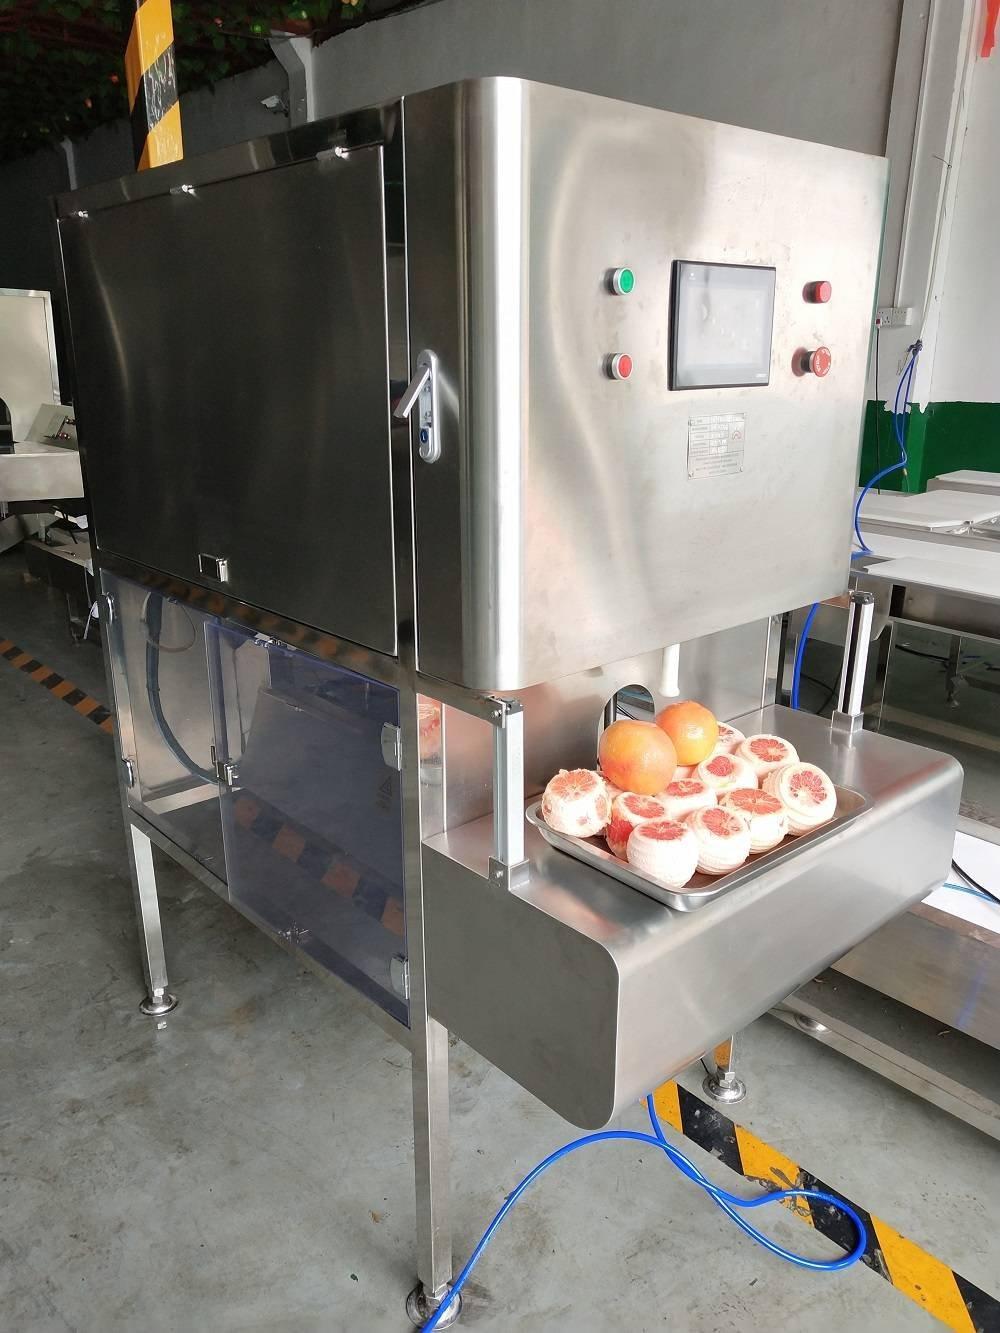 厂家供应智能西柚去皮机,西柚剥皮机,西柚削皮机,常山柚/葡萄柚削皮加工设备